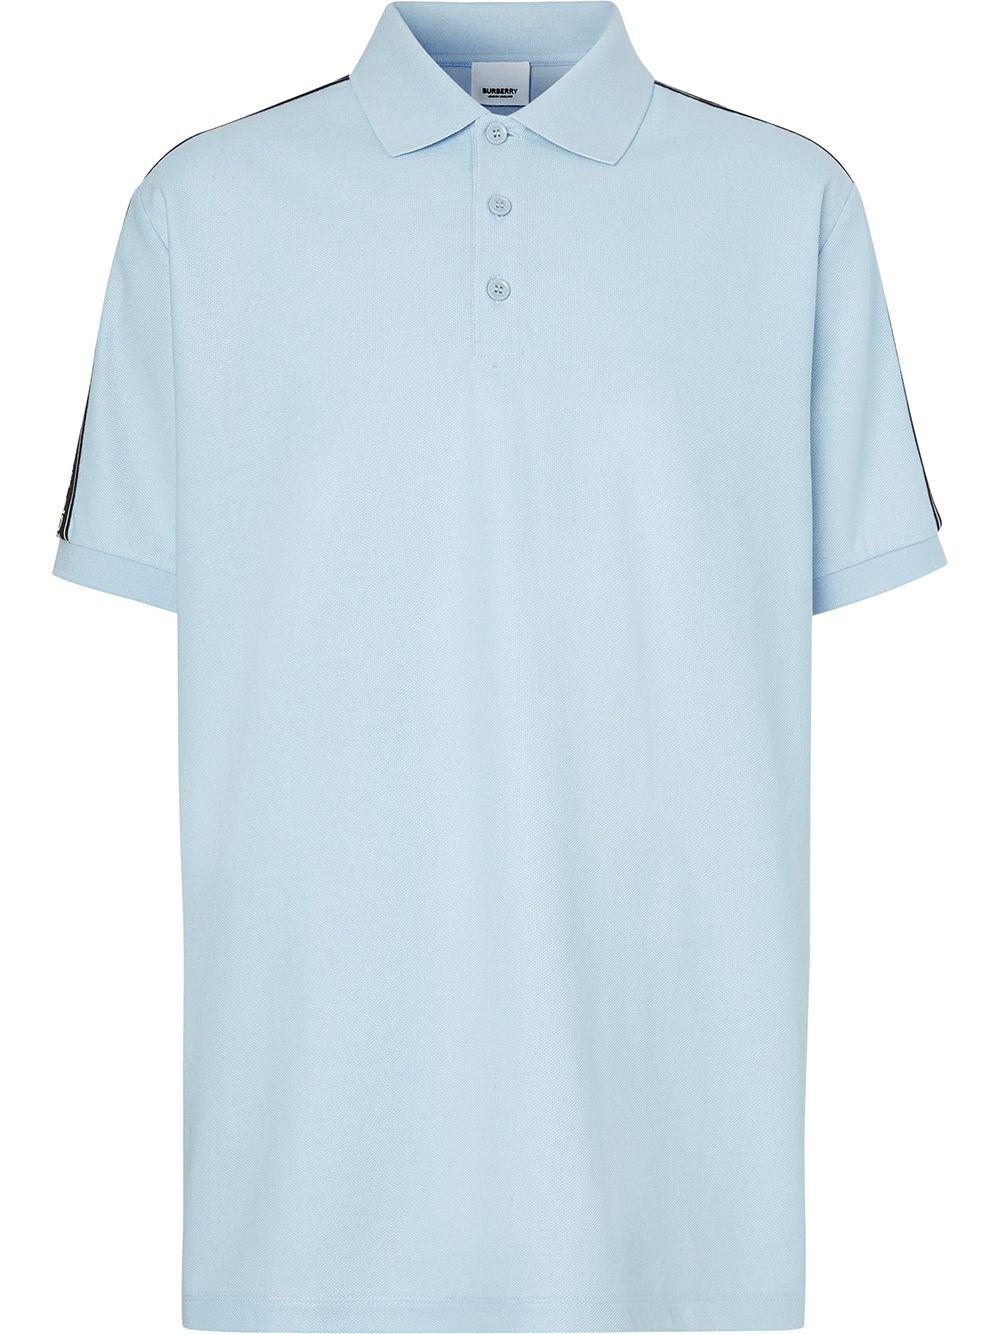 Burberry Poloshirt mit Logo-Streifen - Blau